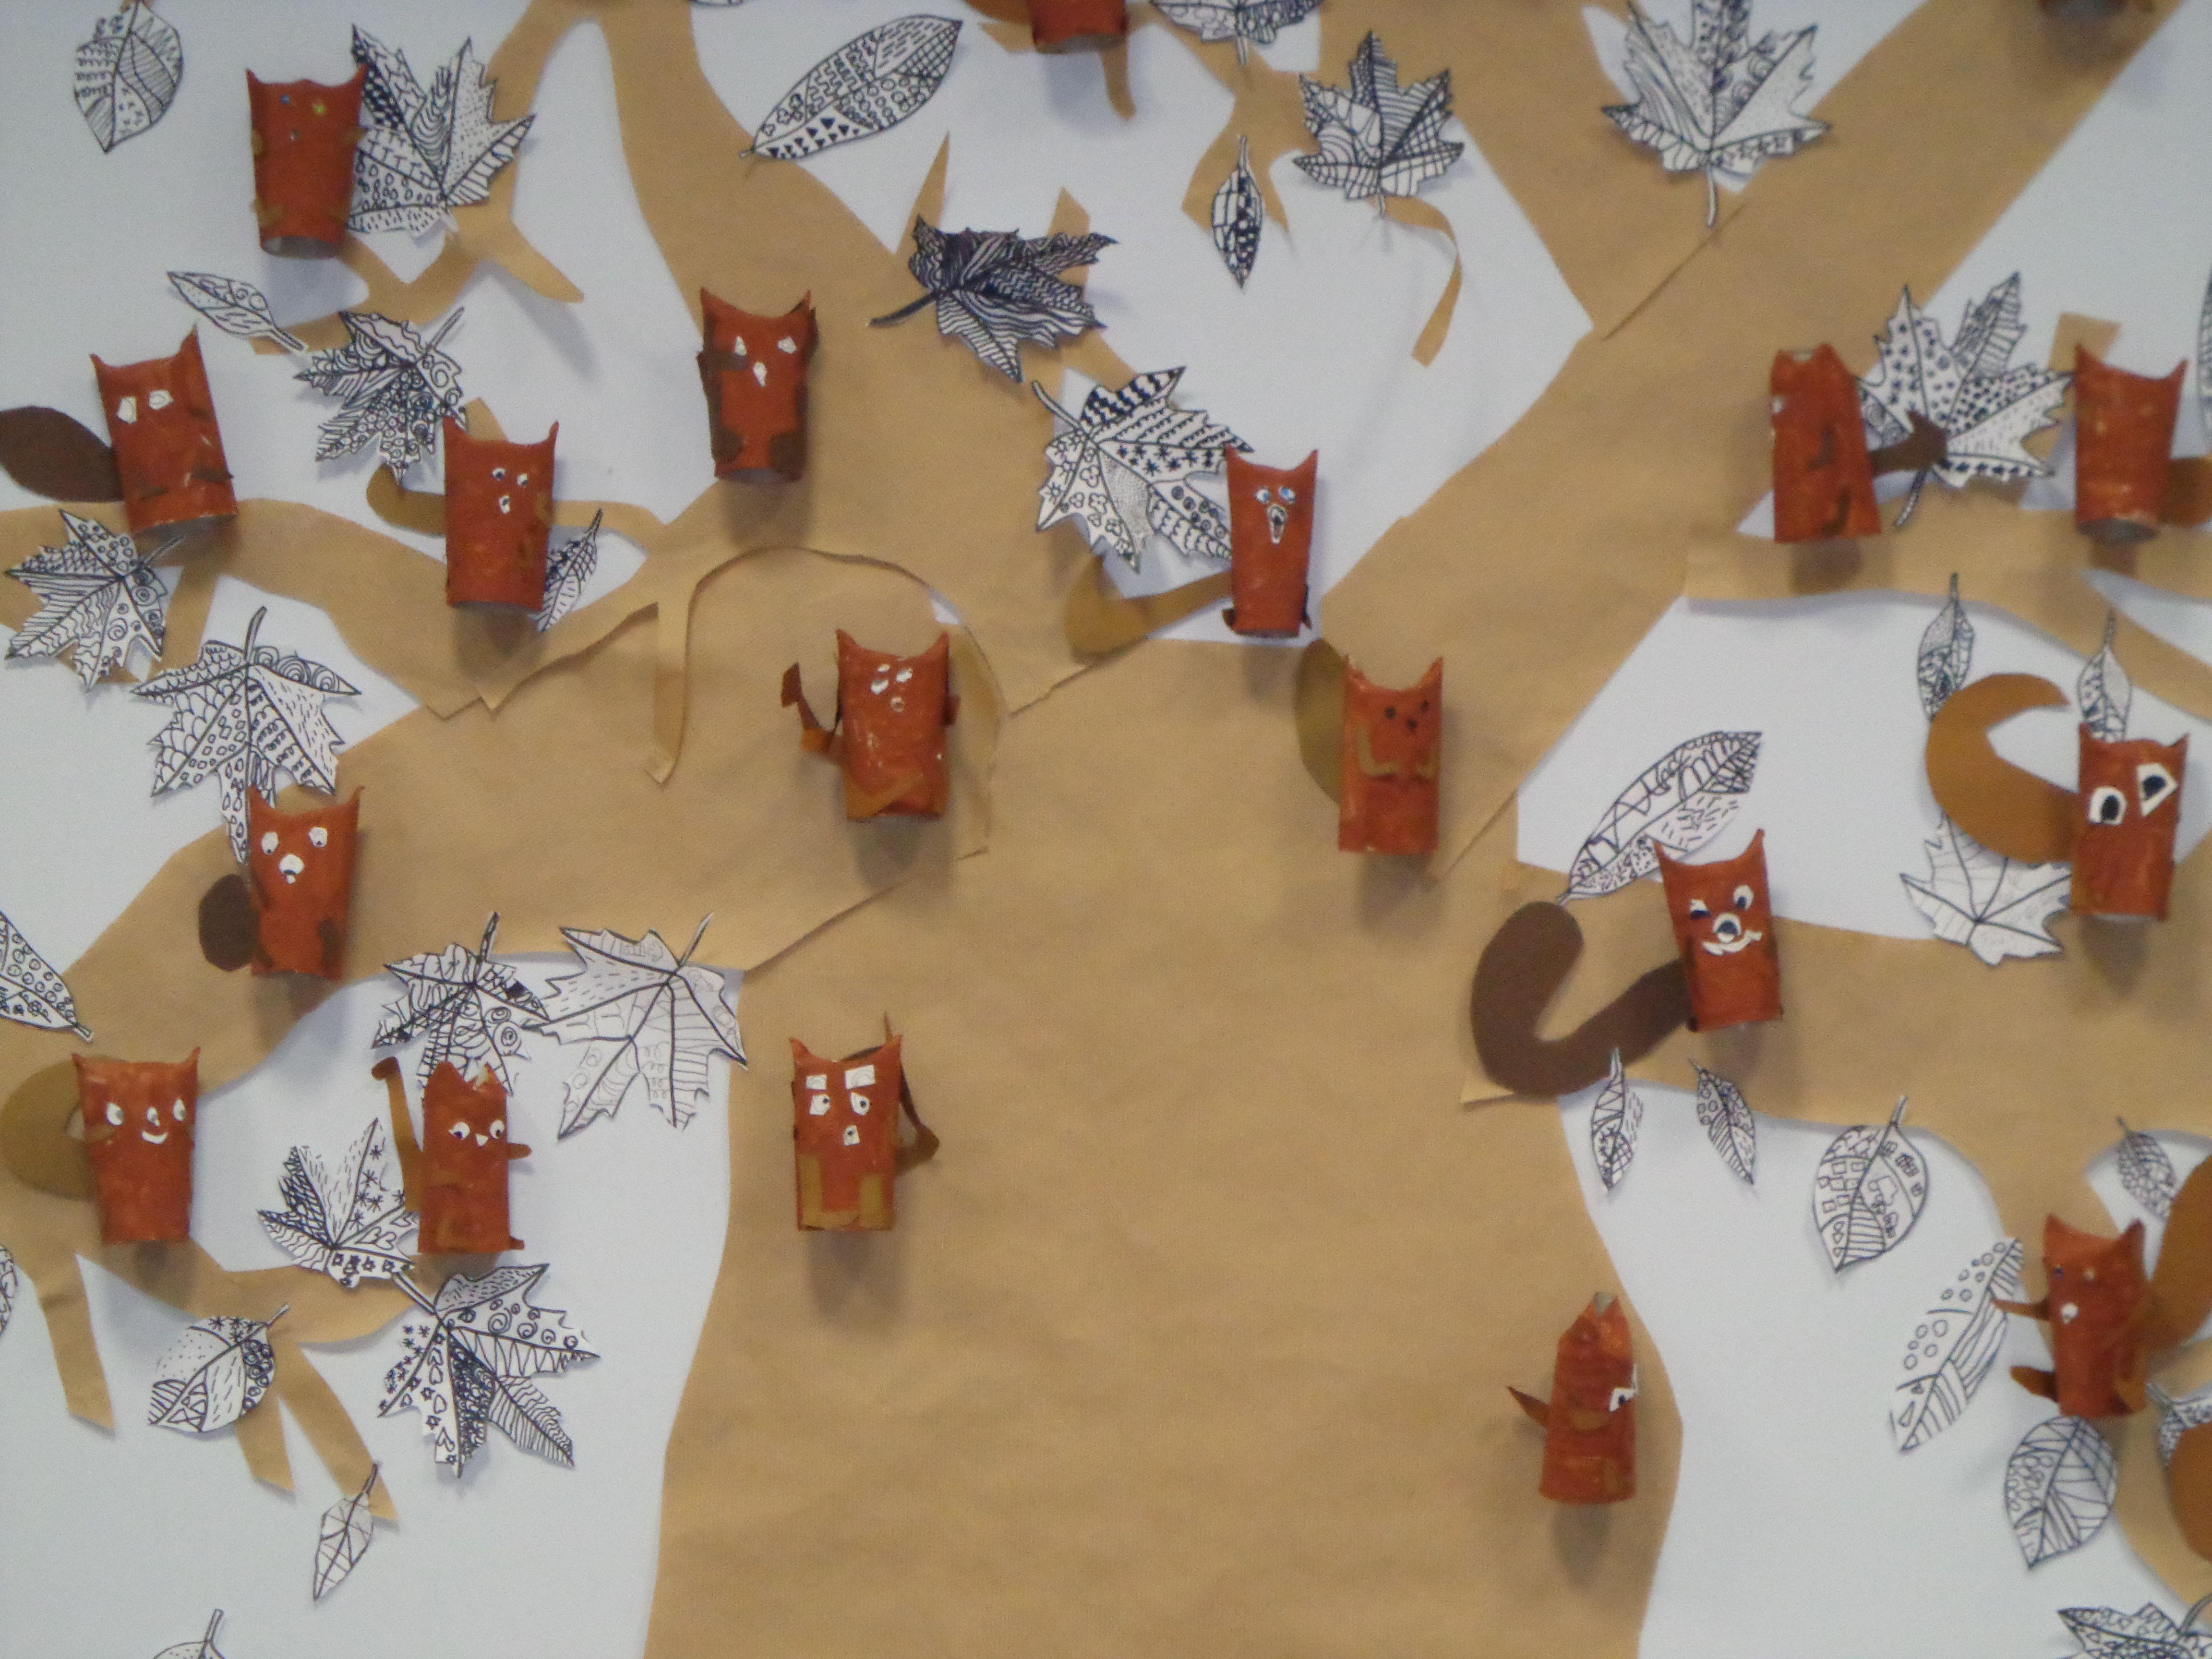 cureuils r alis s en rouleau de papier wc peinture et collage cp novembre arts plastiques. Black Bedroom Furniture Sets. Home Design Ideas